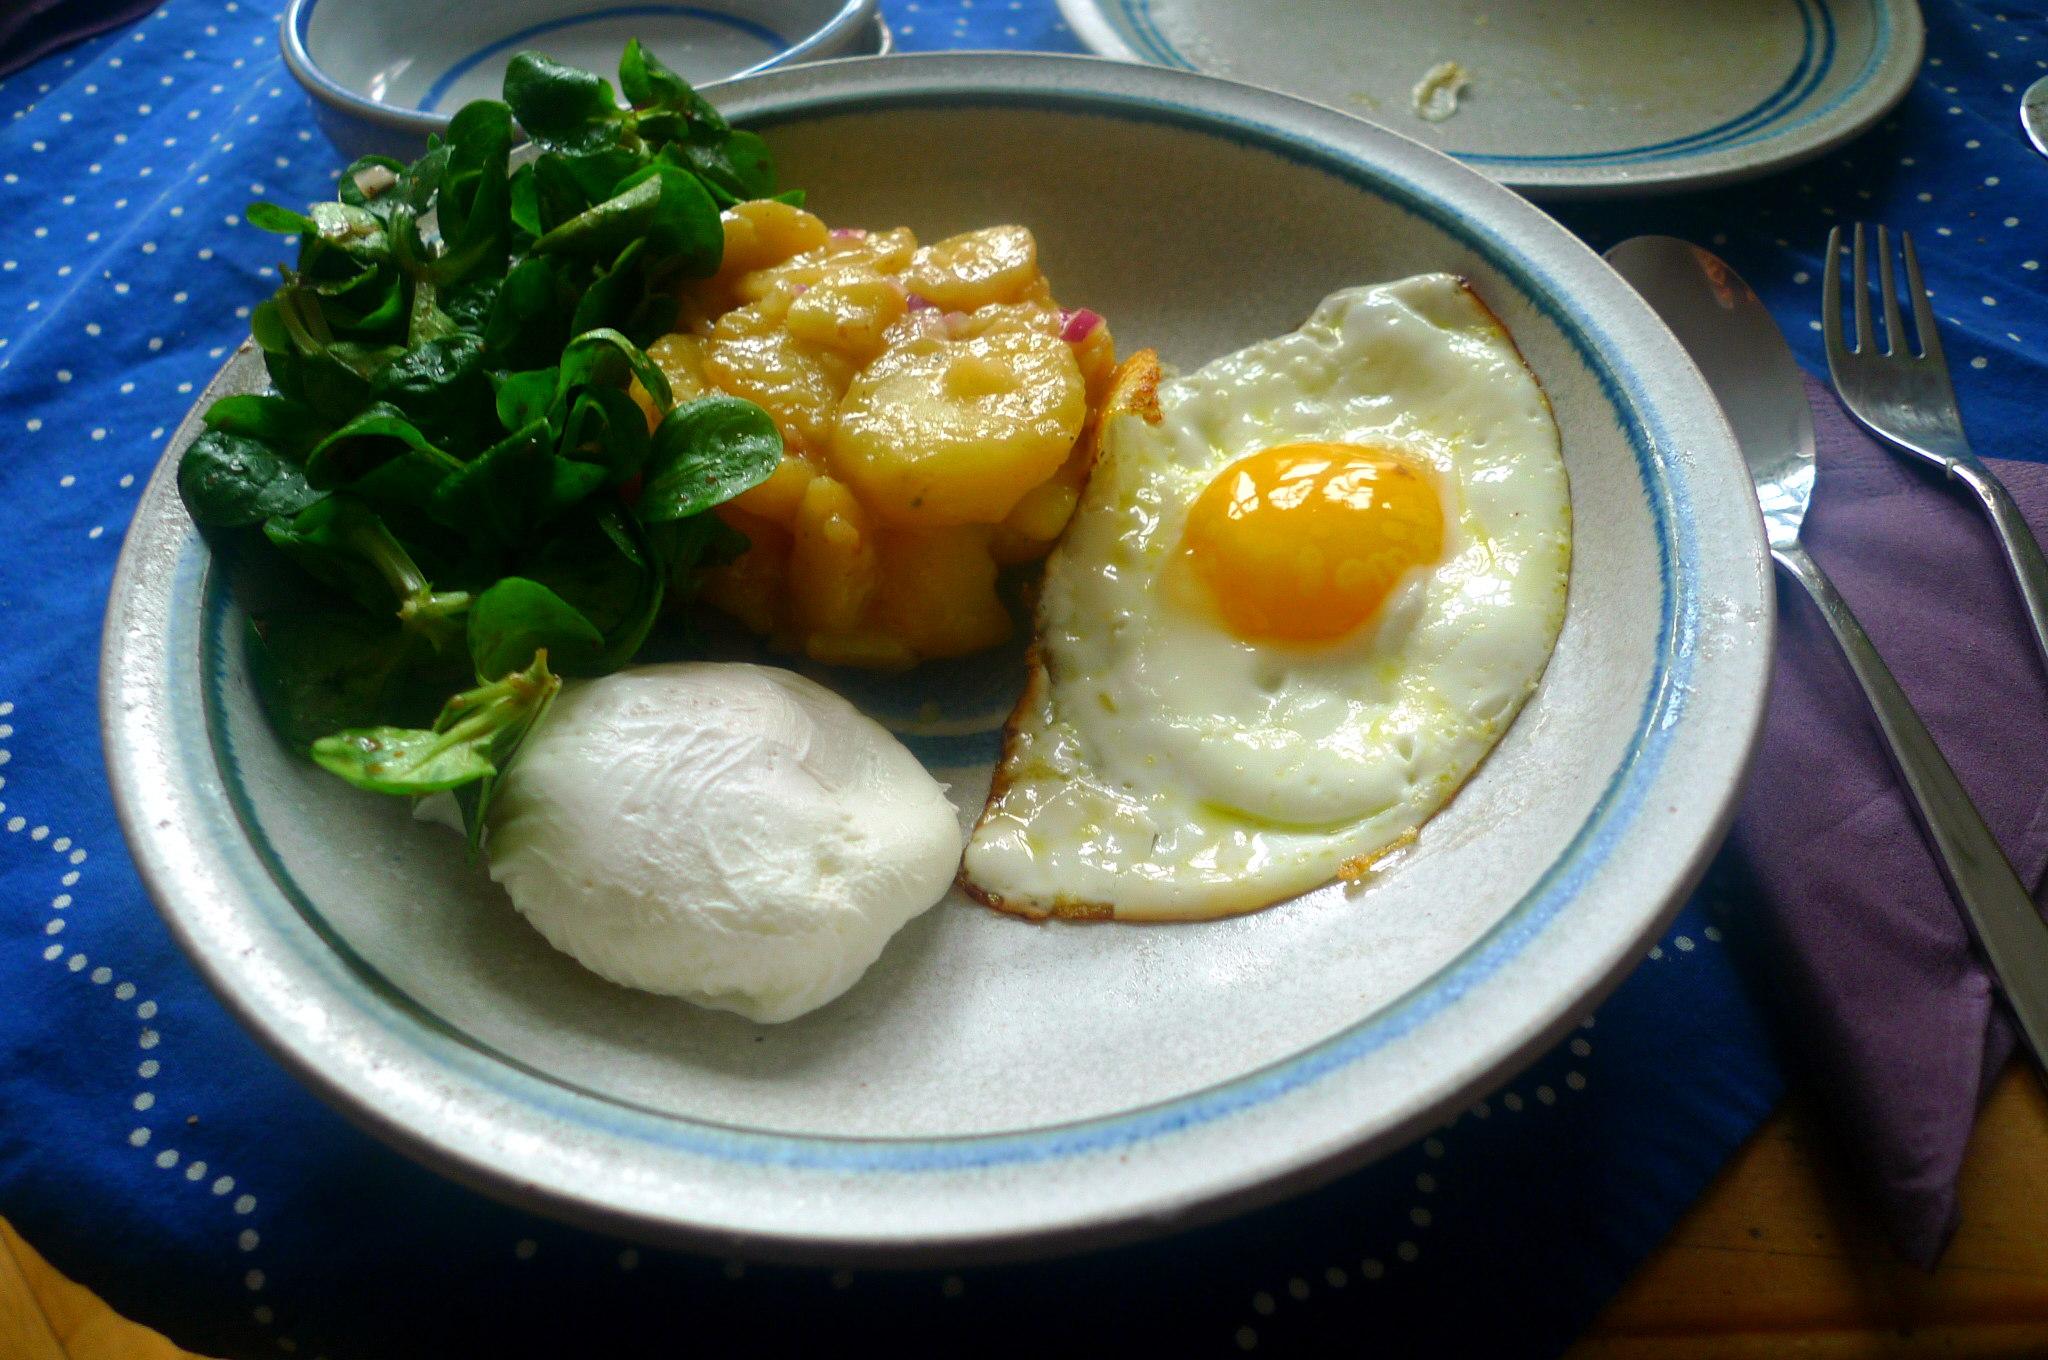 schwabischer-kartoffelsalatfeldsalatpochiertes-eispiegeleivegetarisch-16